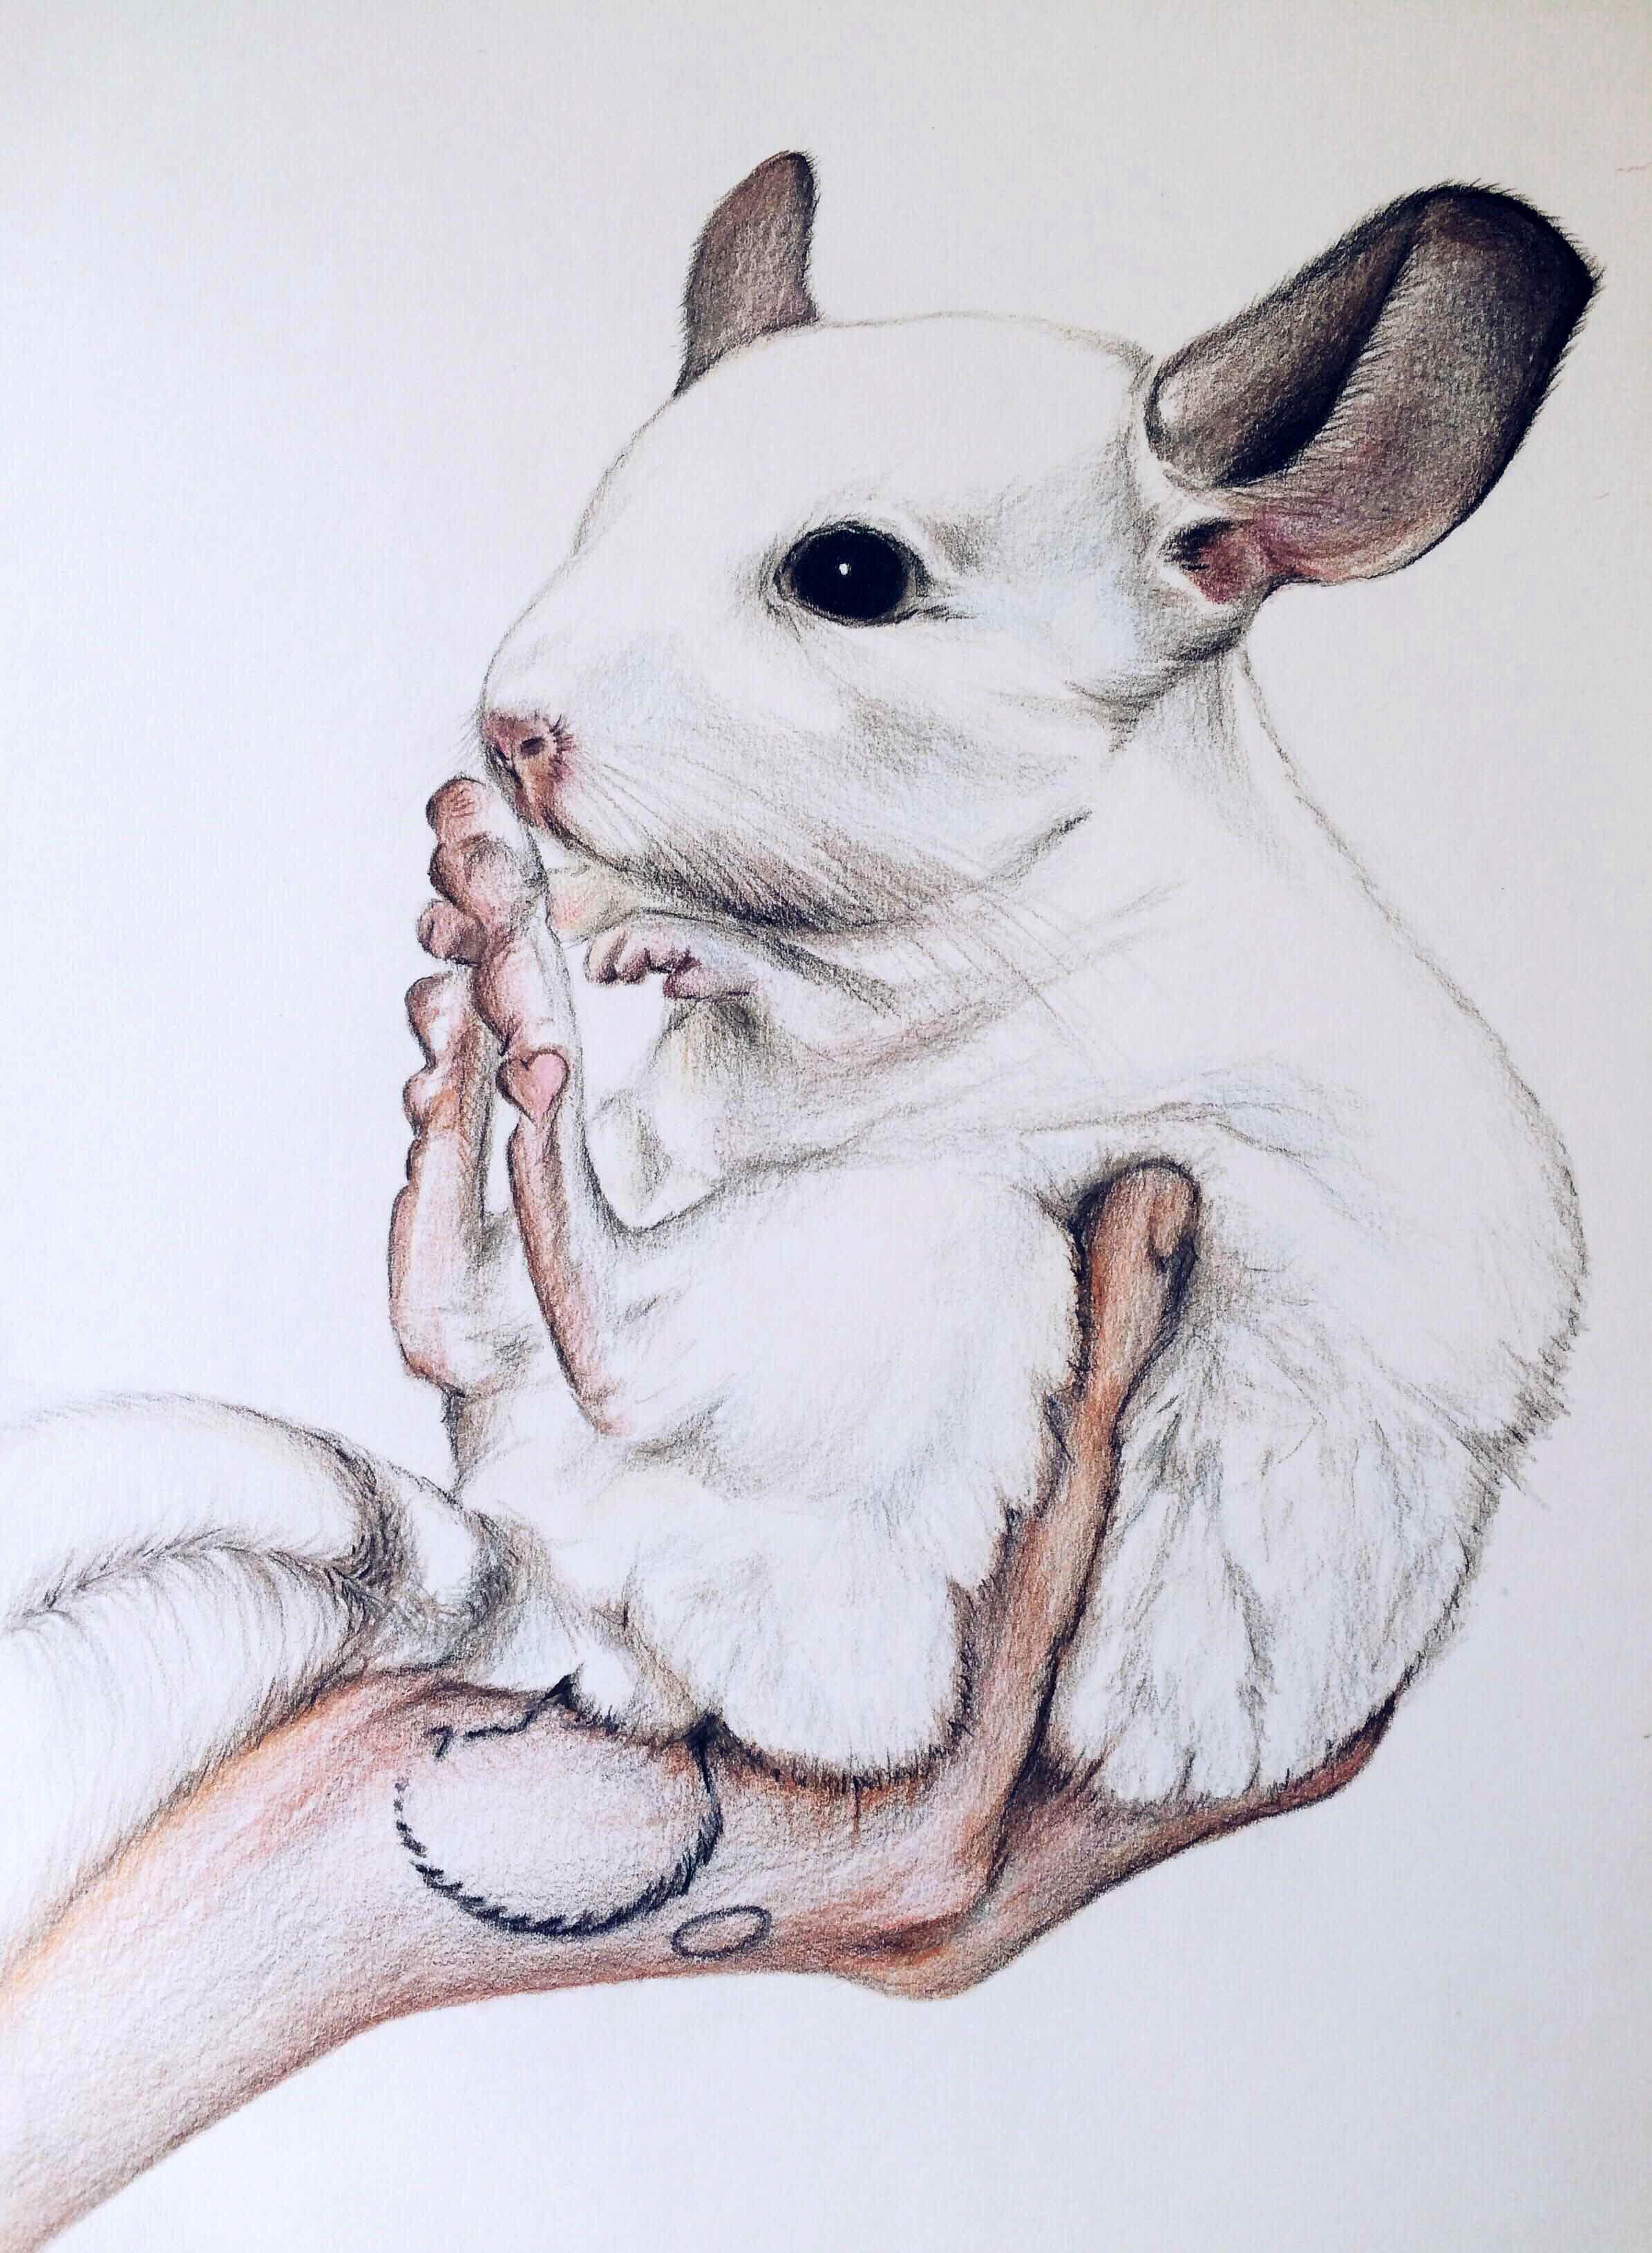 милые животные картинки карандашом возможный организатор предполагаемого